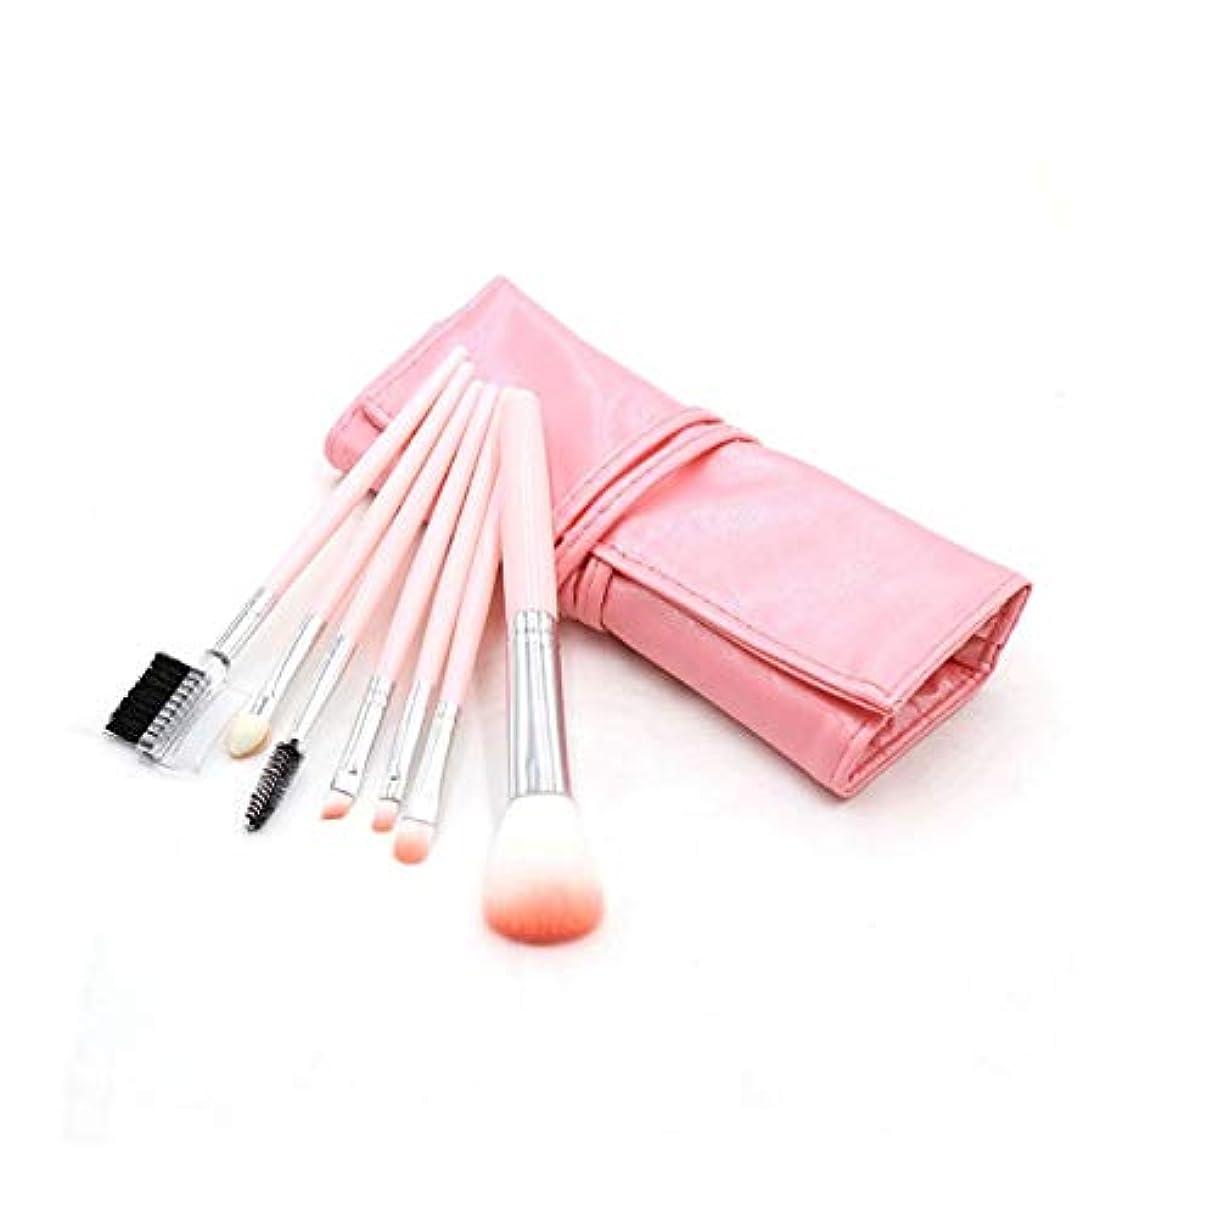 気取らないトリップ人道的化粧ブラシセット、ピンク7化粧ブラシ化粧ブラシセットアイシャドウブラシリップブラシ美容化粧道具